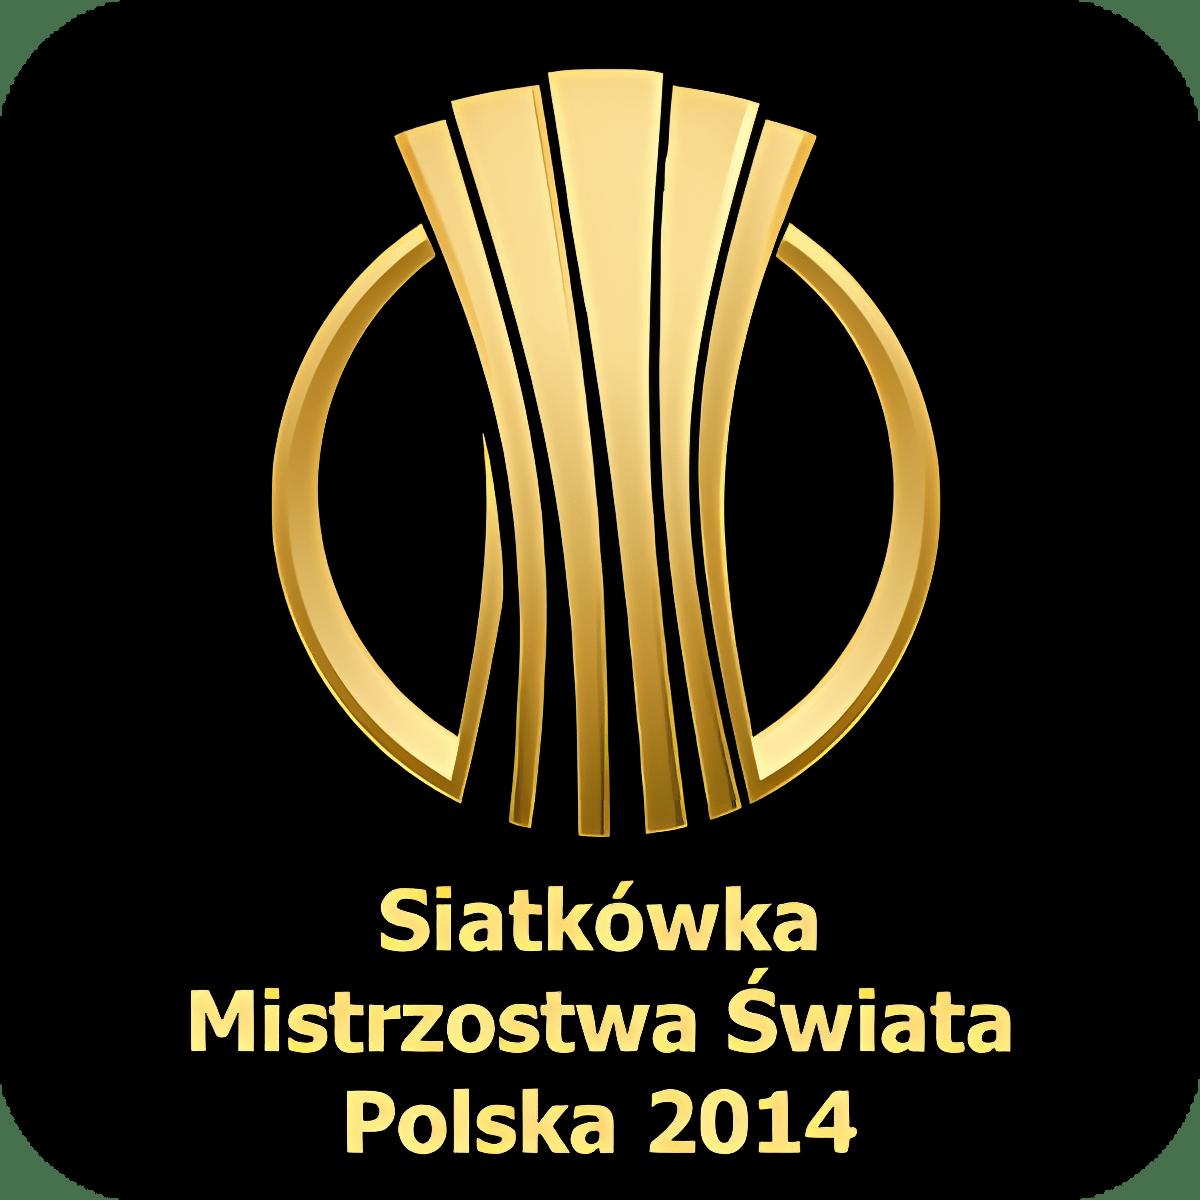 Siatkówka MŚ Polska 2014